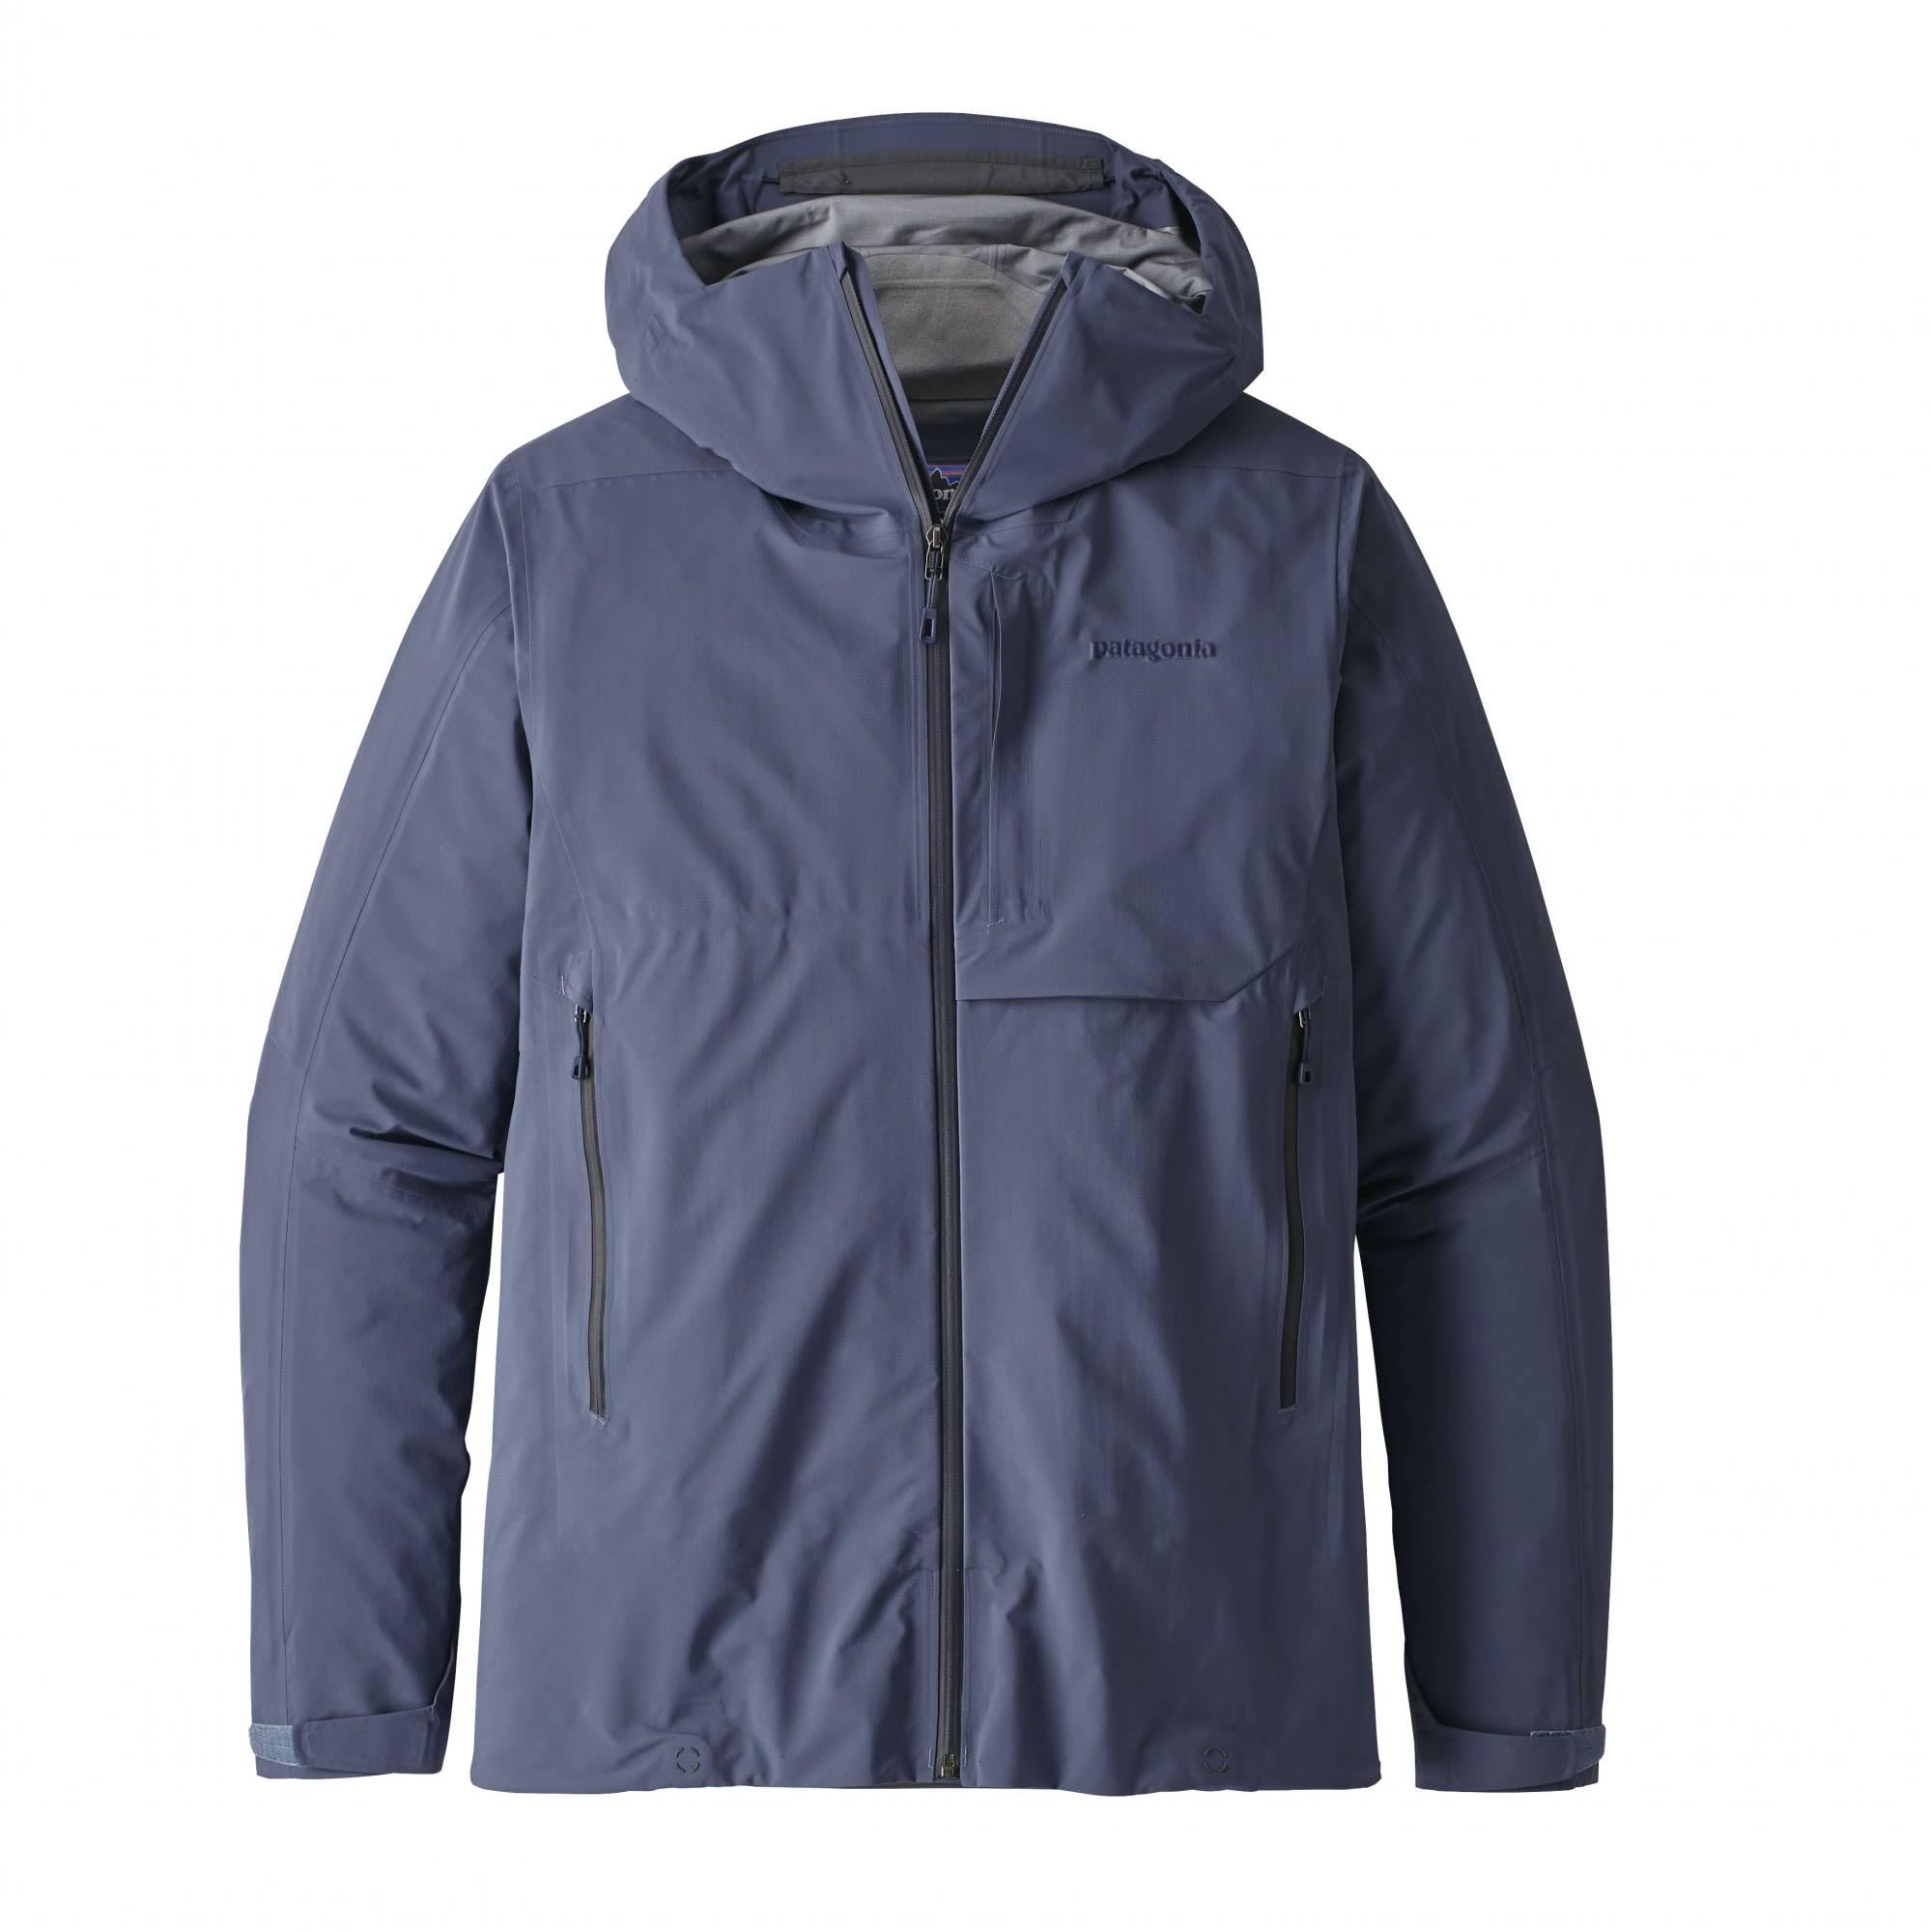 Refugitive Blue Dolomite Jacket S tex Herren Farbe Patagonia Größe Blue Gore freizeitjacke 1CqUdqH